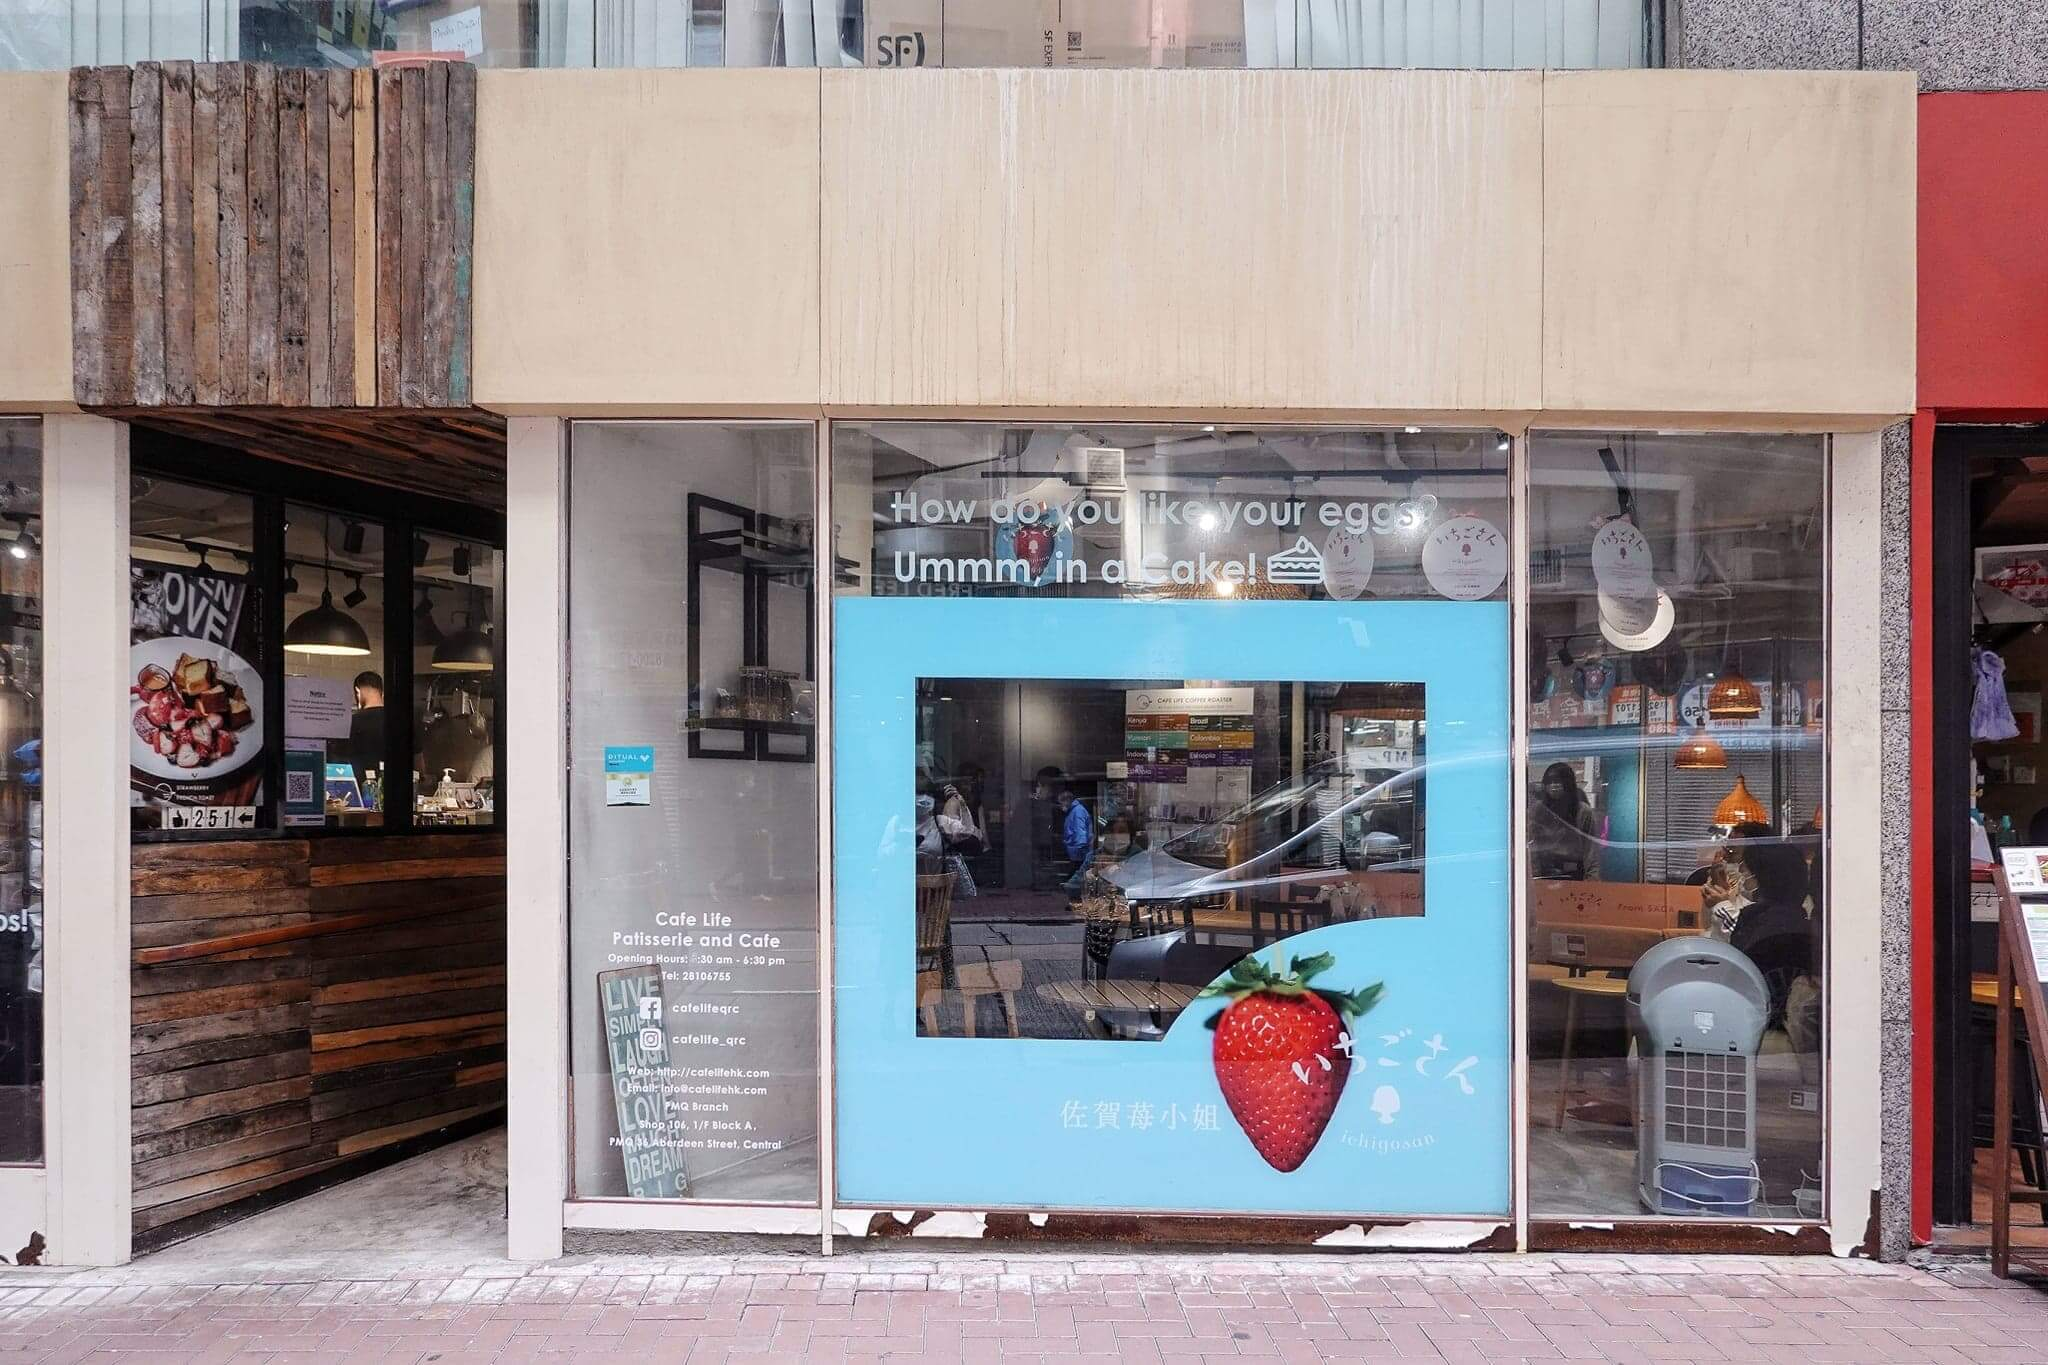 Cafe Life 推出為期2星期的「佐賀莓小姐」甜品。